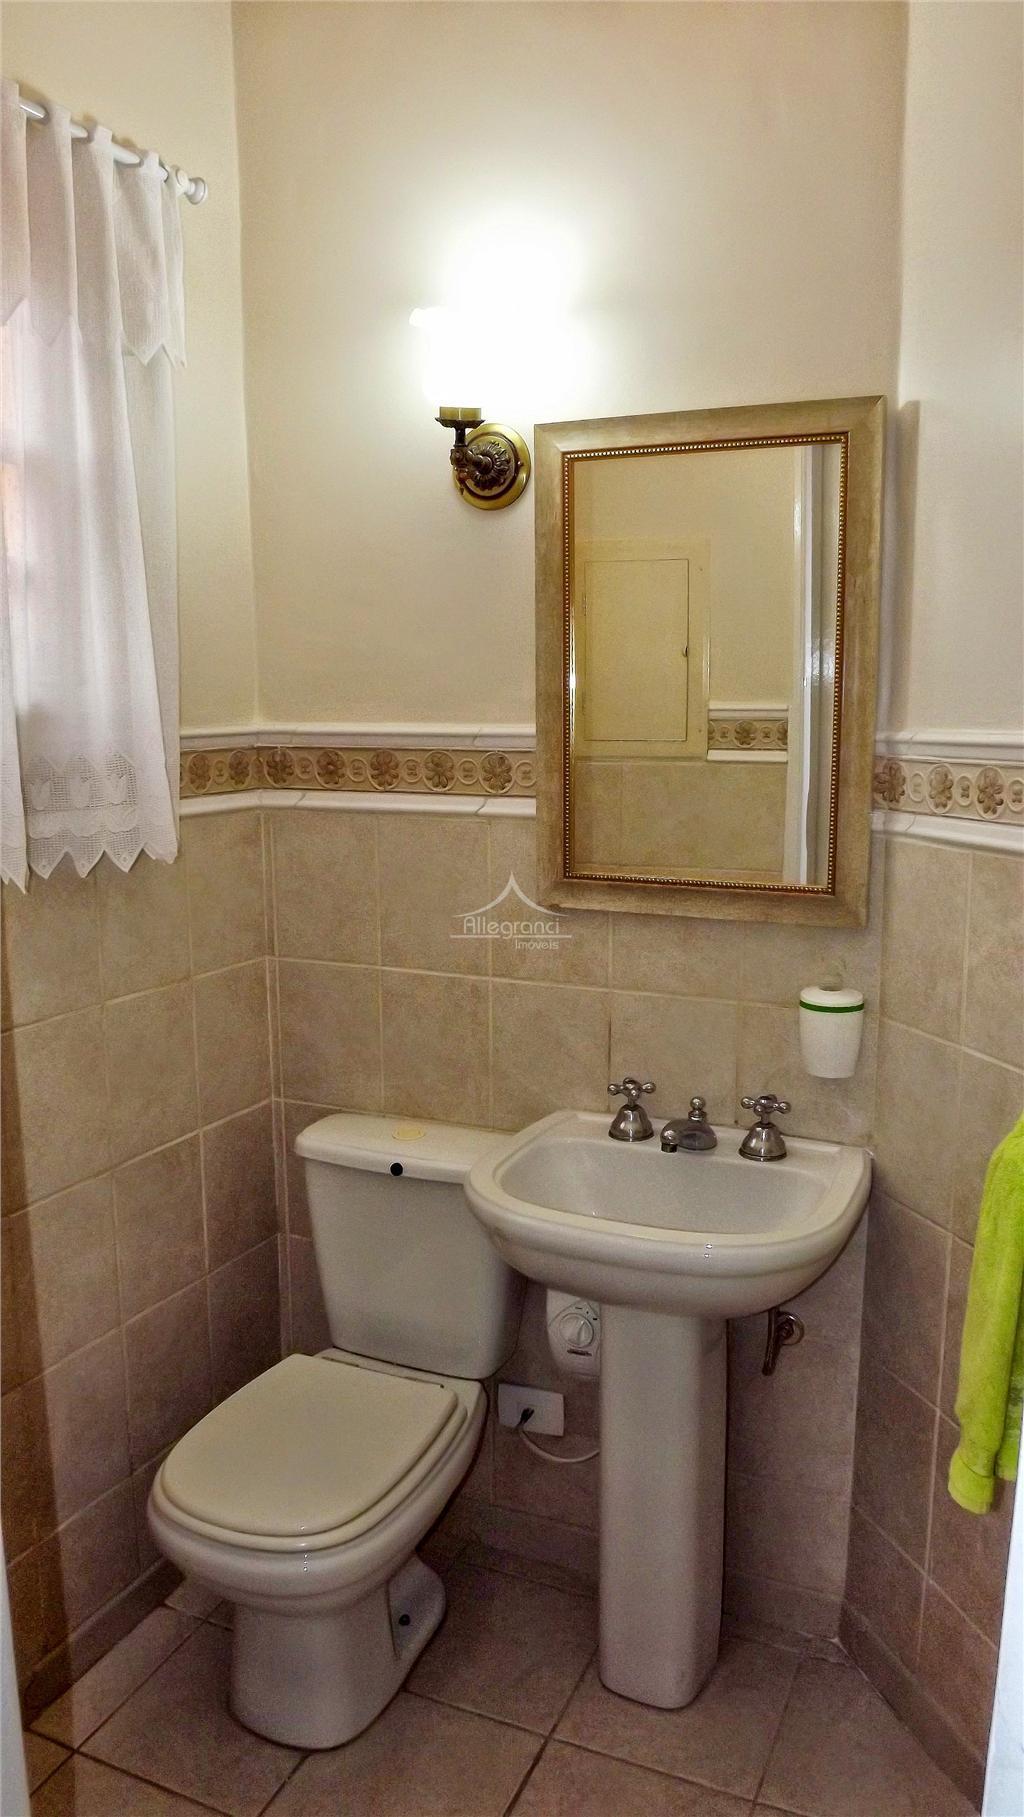 sobrado de 150 metros com 3 dormitórios,sendo 2 banheiros,sala 2 ambientes,cozinha com porcelanato,área de serviço,garagem para...